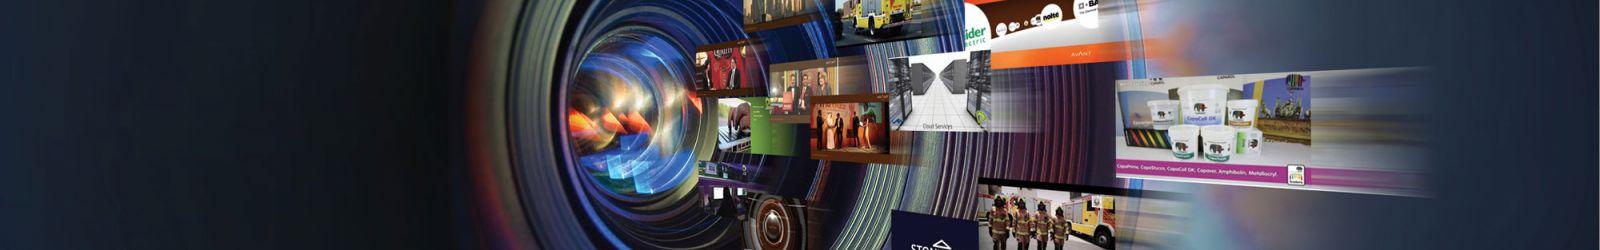 VIDEO GALLERY OF HARIKRUSHNA MACHINES PVT. LTD.